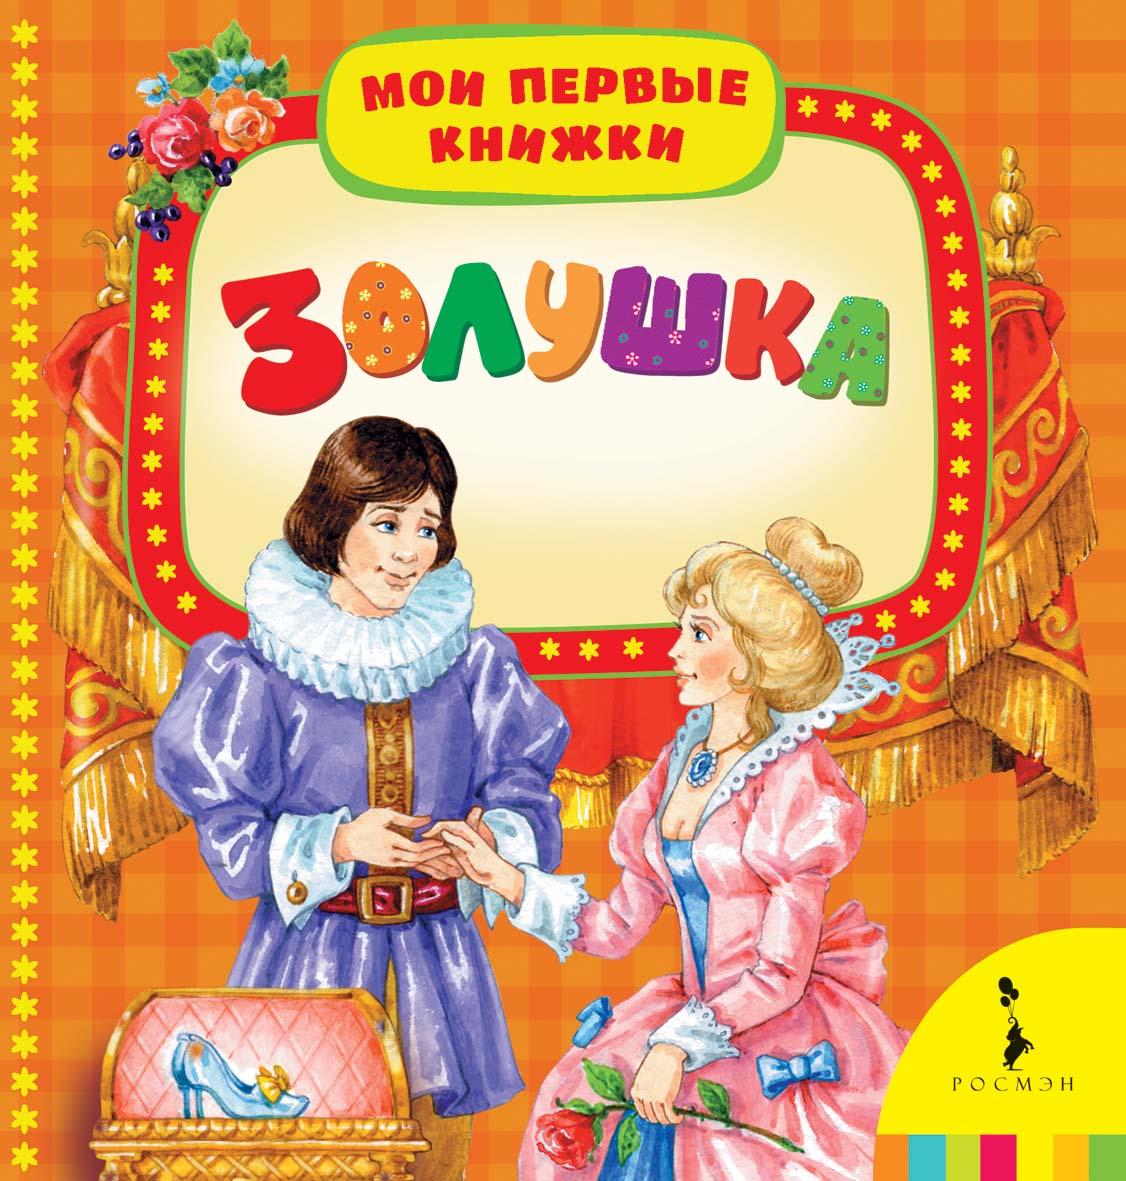 Книга ЗолушкаСерия Самое первое чтение (1-3 лет)<br>Книга Золушка<br>